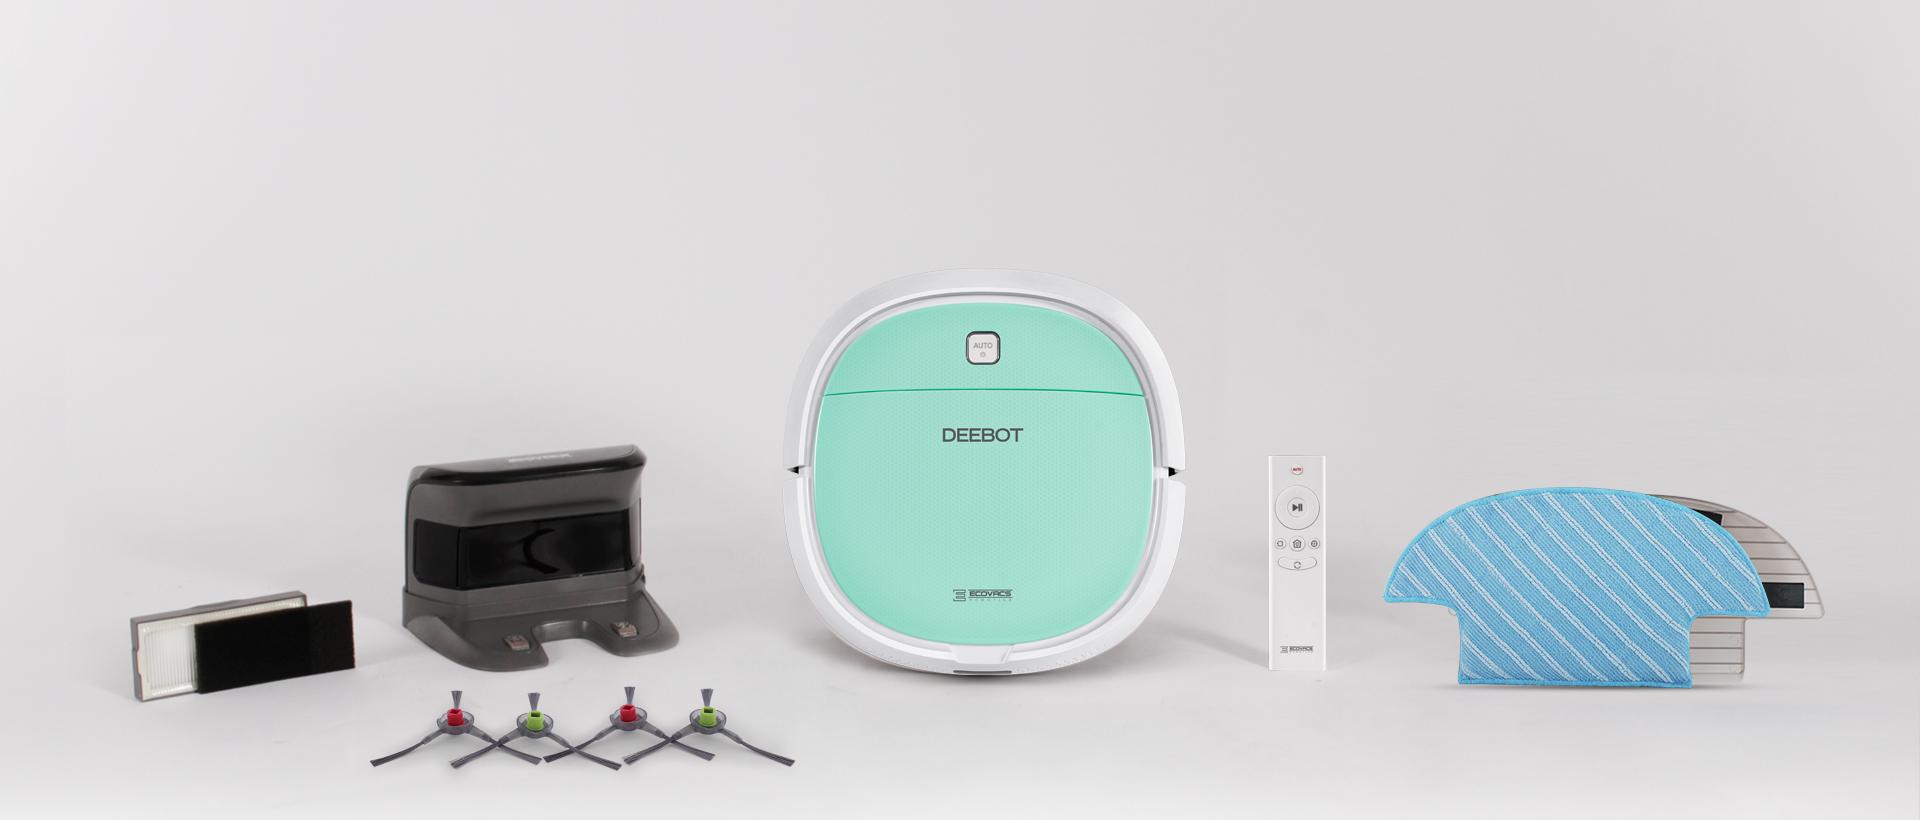 deebot mini